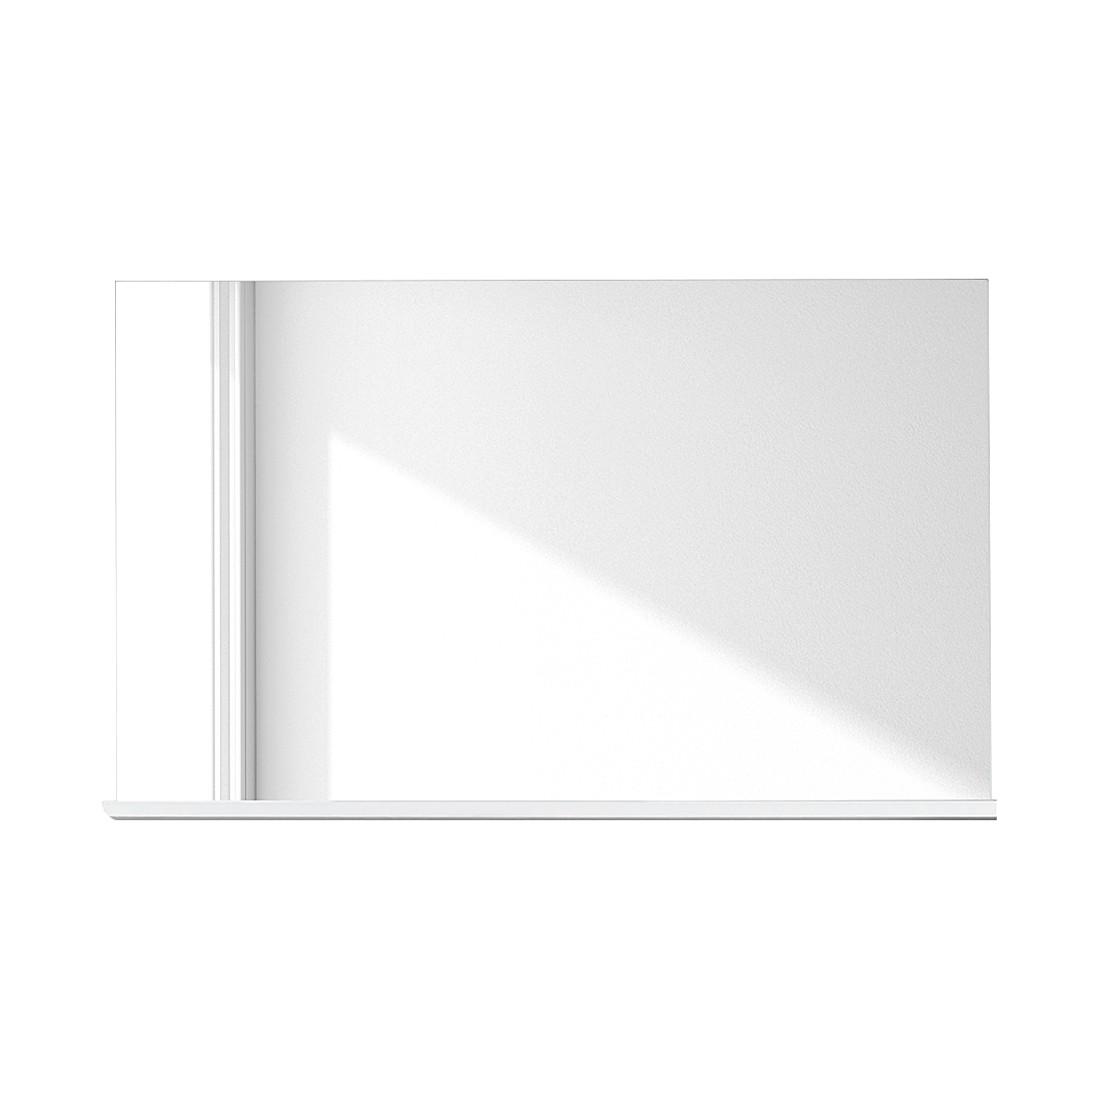 Wandspiegel Baku – Hochglanz Weiß, Modoform günstig online kaufen